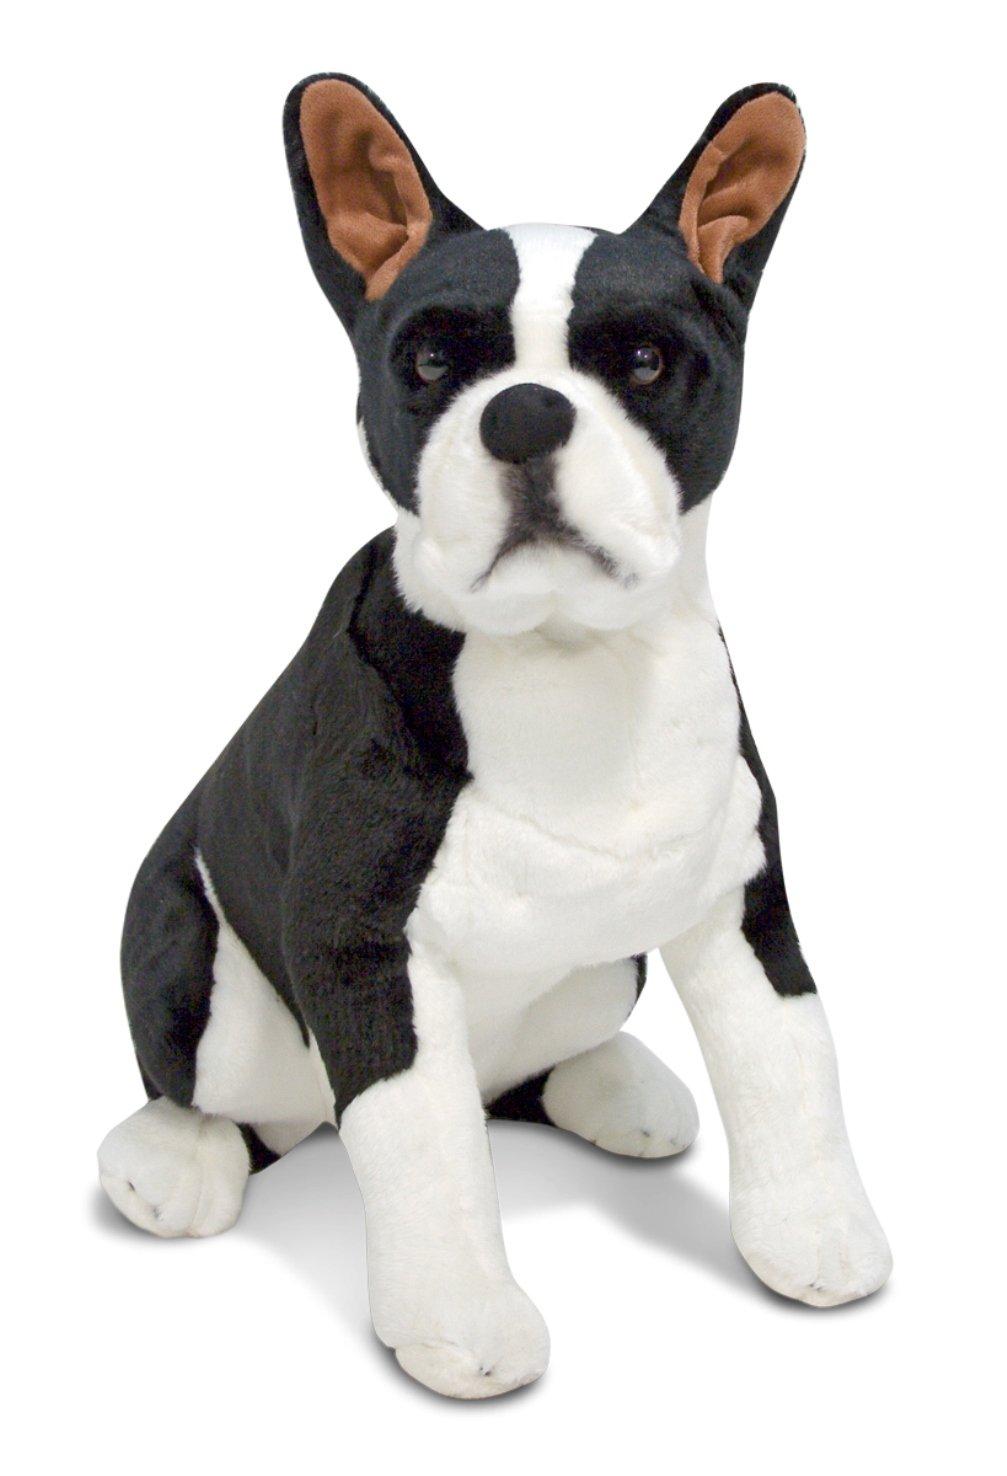 amazoncom melissa  doug giant boston terrier  lifelike stuffed  - amazoncom melissa  doug giant boston terrier  lifelike stuffed animaldog melissa  doug   toys  games